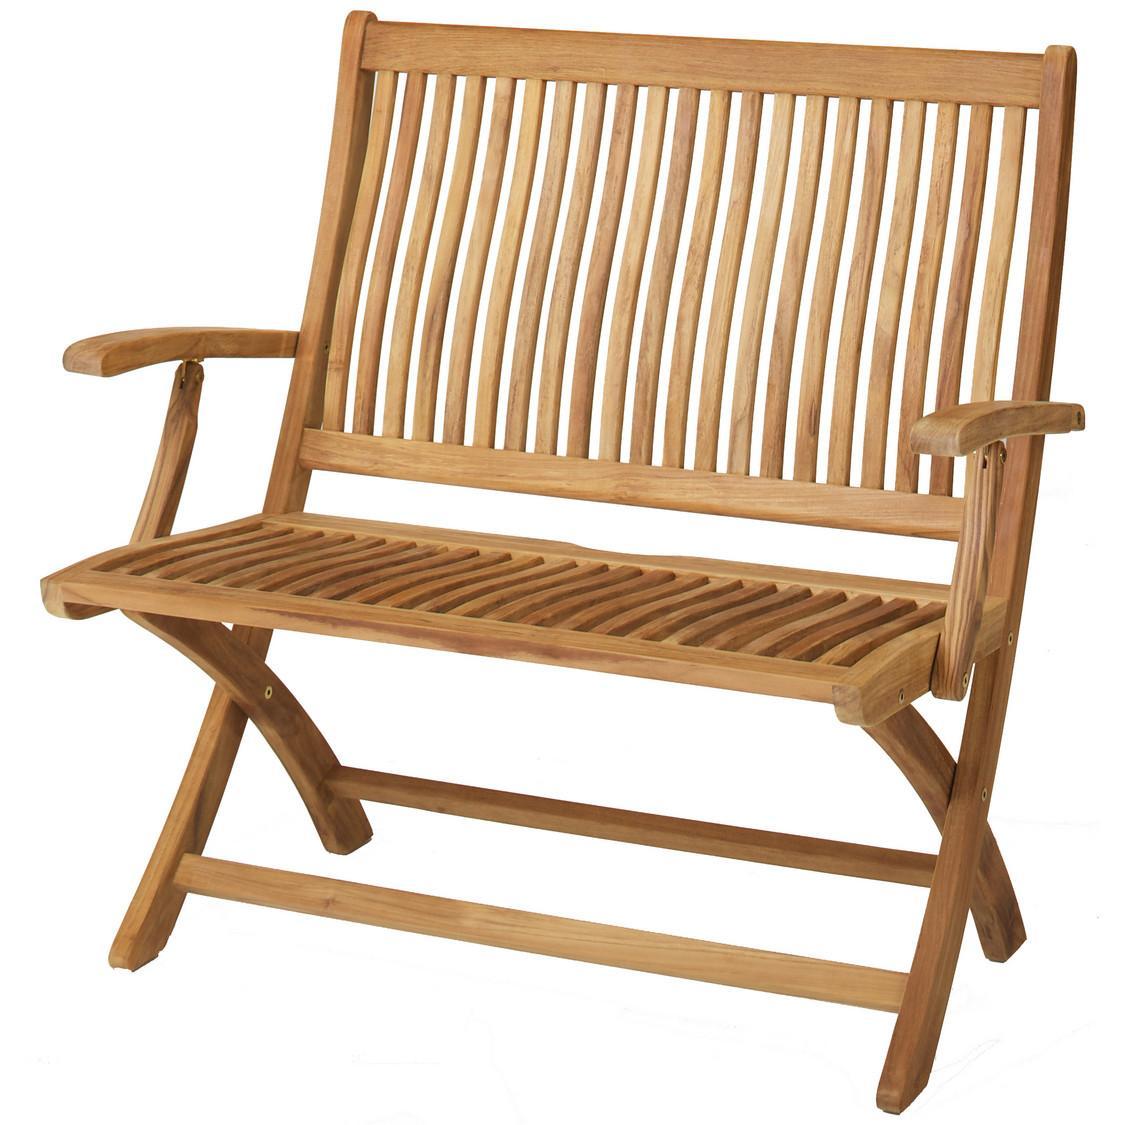 Holz Gartenbank Klappbar